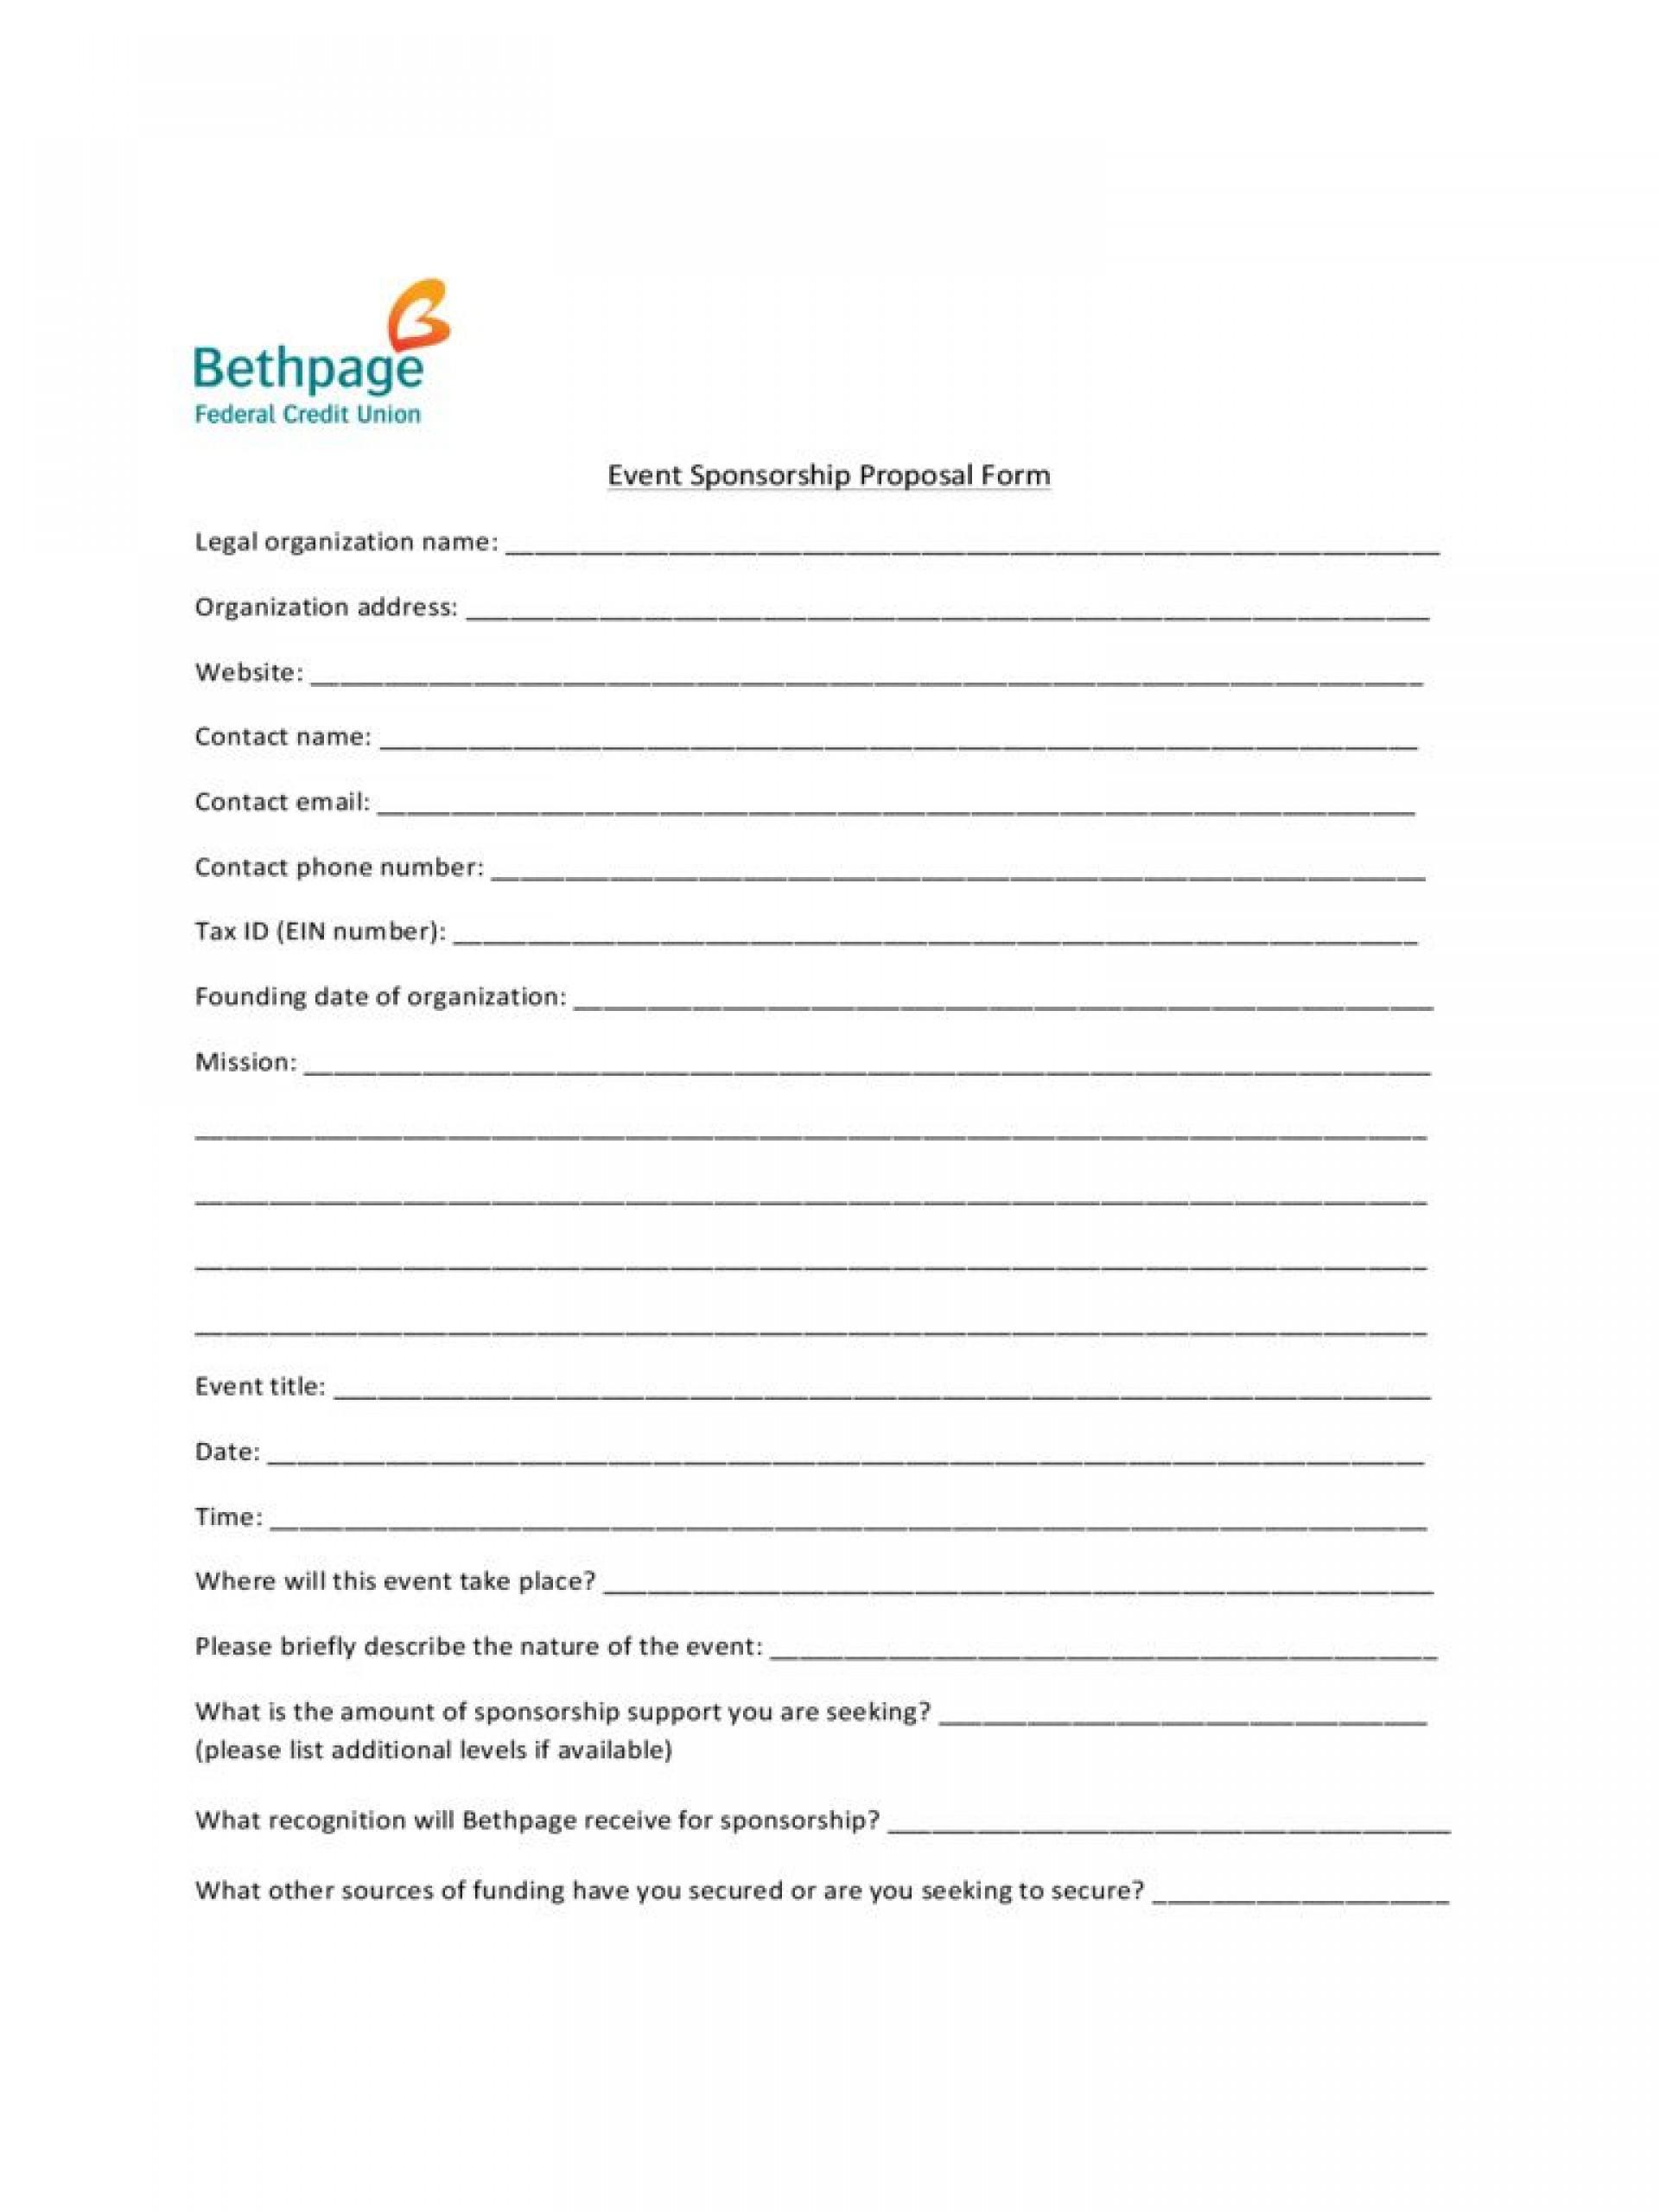 005 Unique Event Sponsorship Form Template Concept  Sponsor Request1920